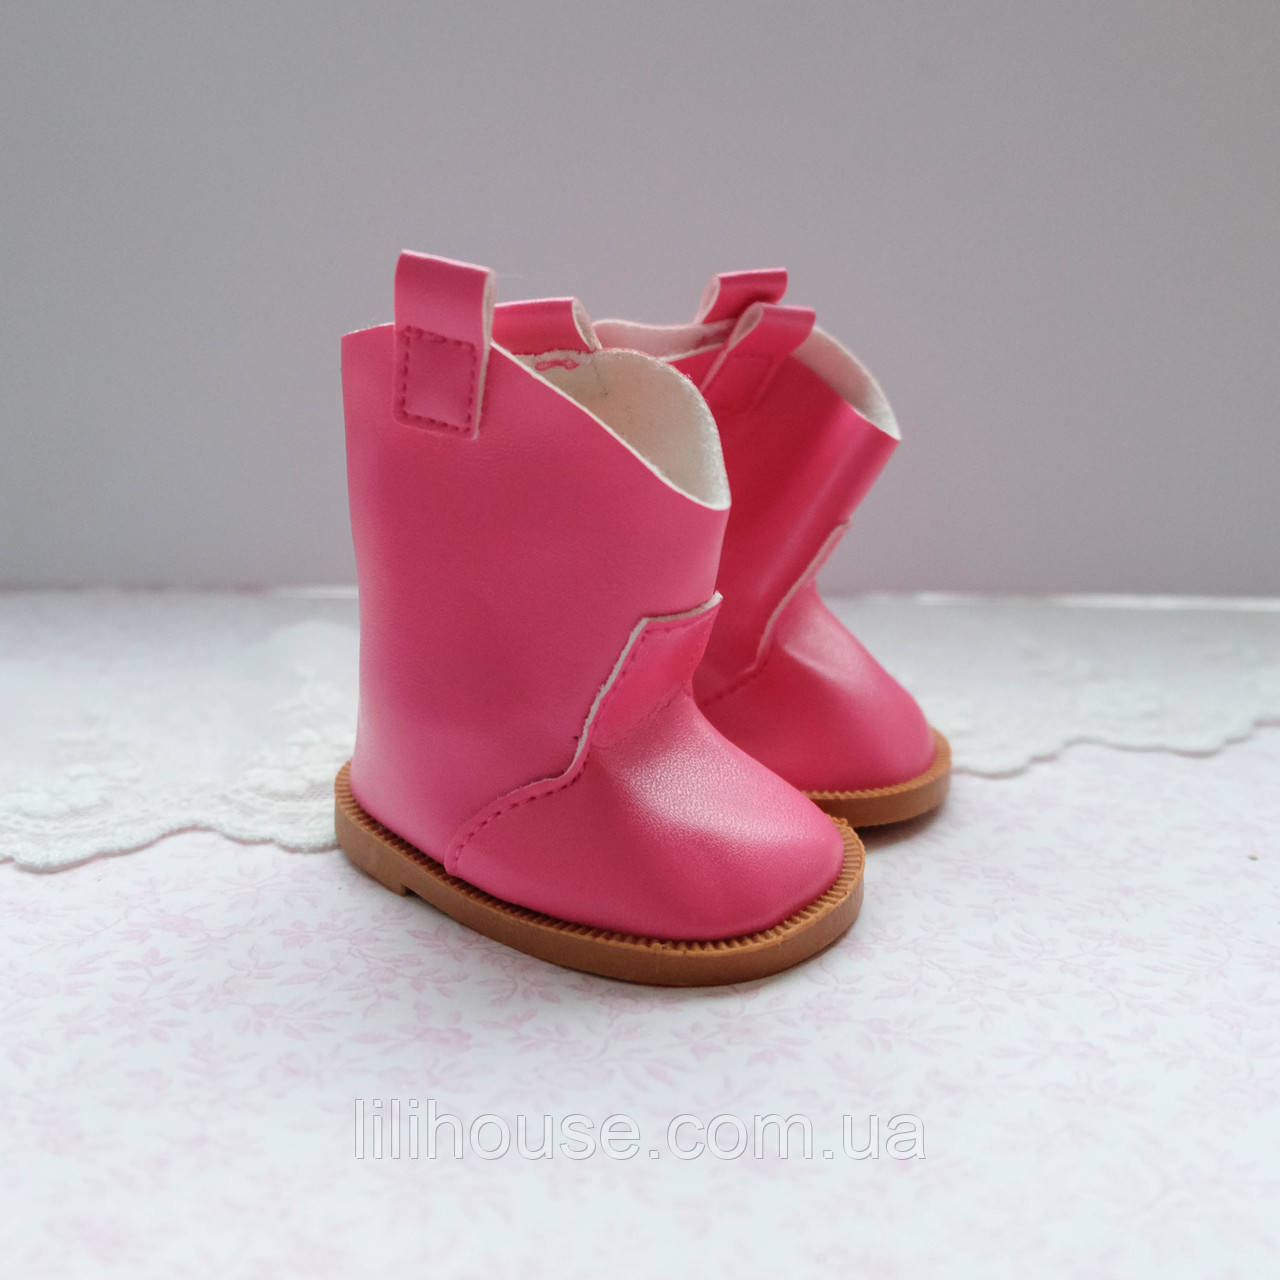 Обувь для кукол Сапожки 7.5*4 см ЯРКО-РОЗОВЫЕ